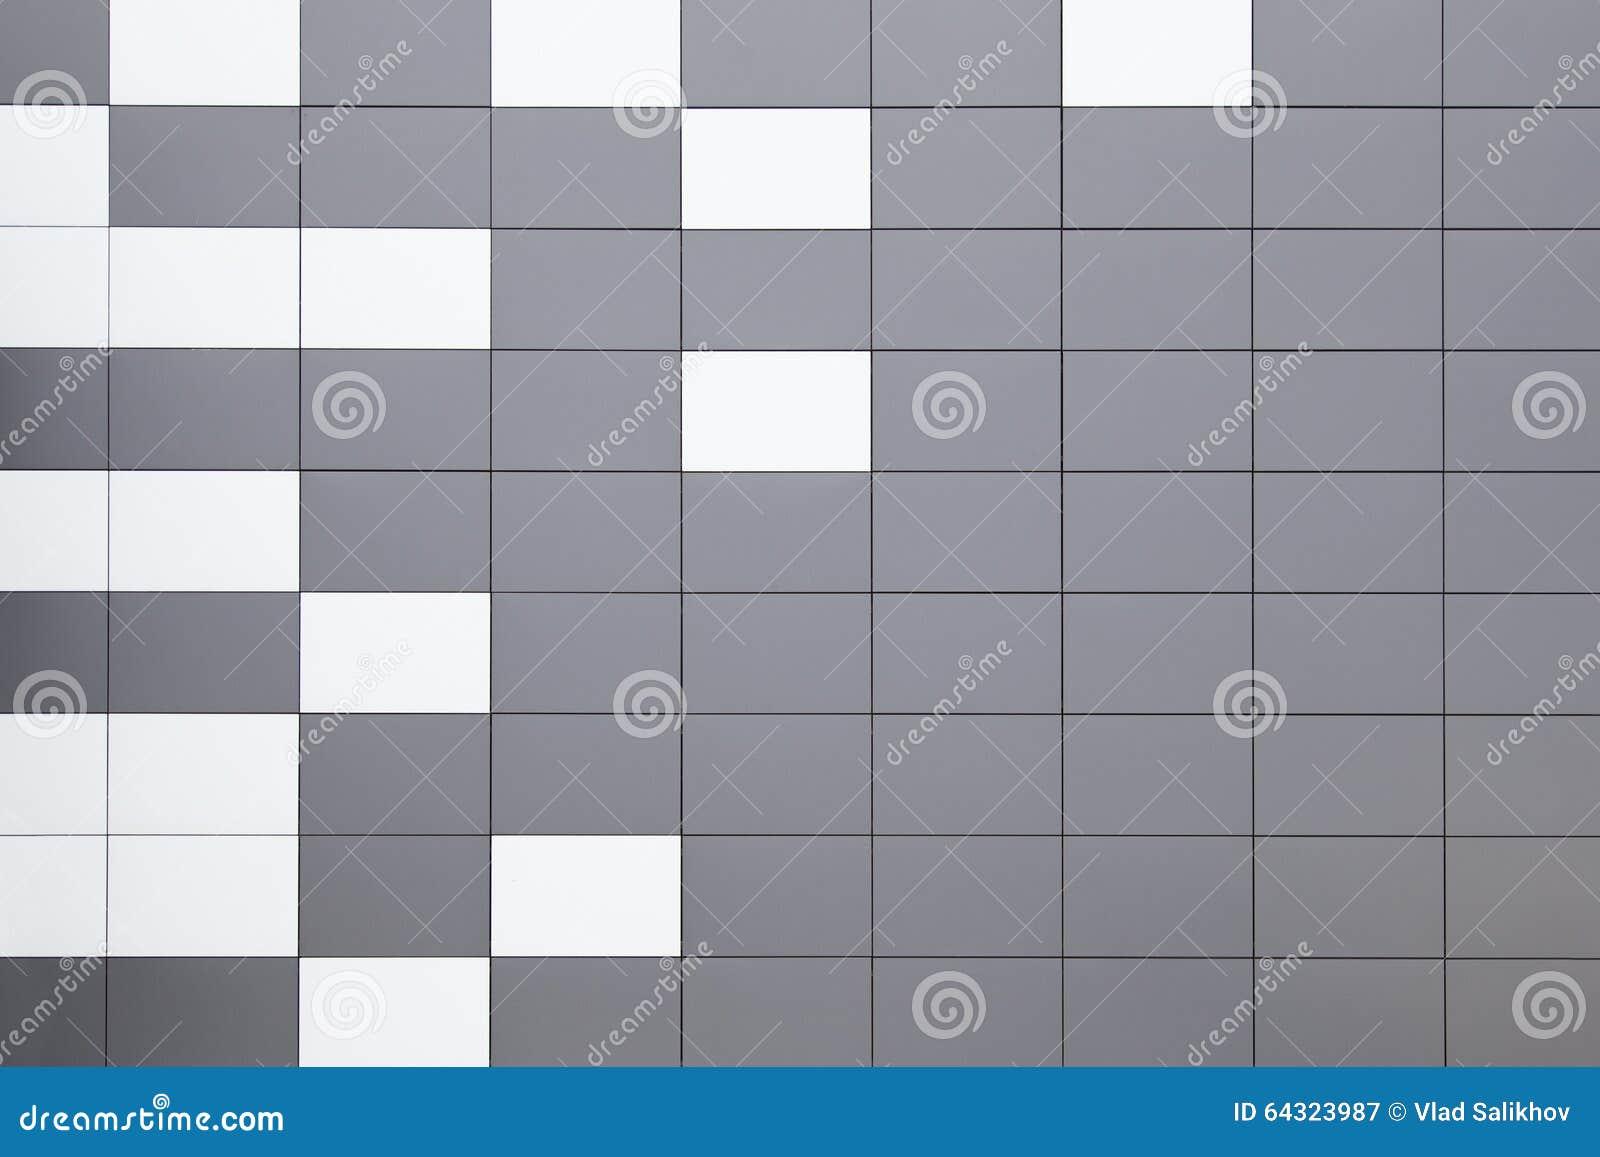 Modern Metal Facade Tiles Stock Image Image Of Paneling